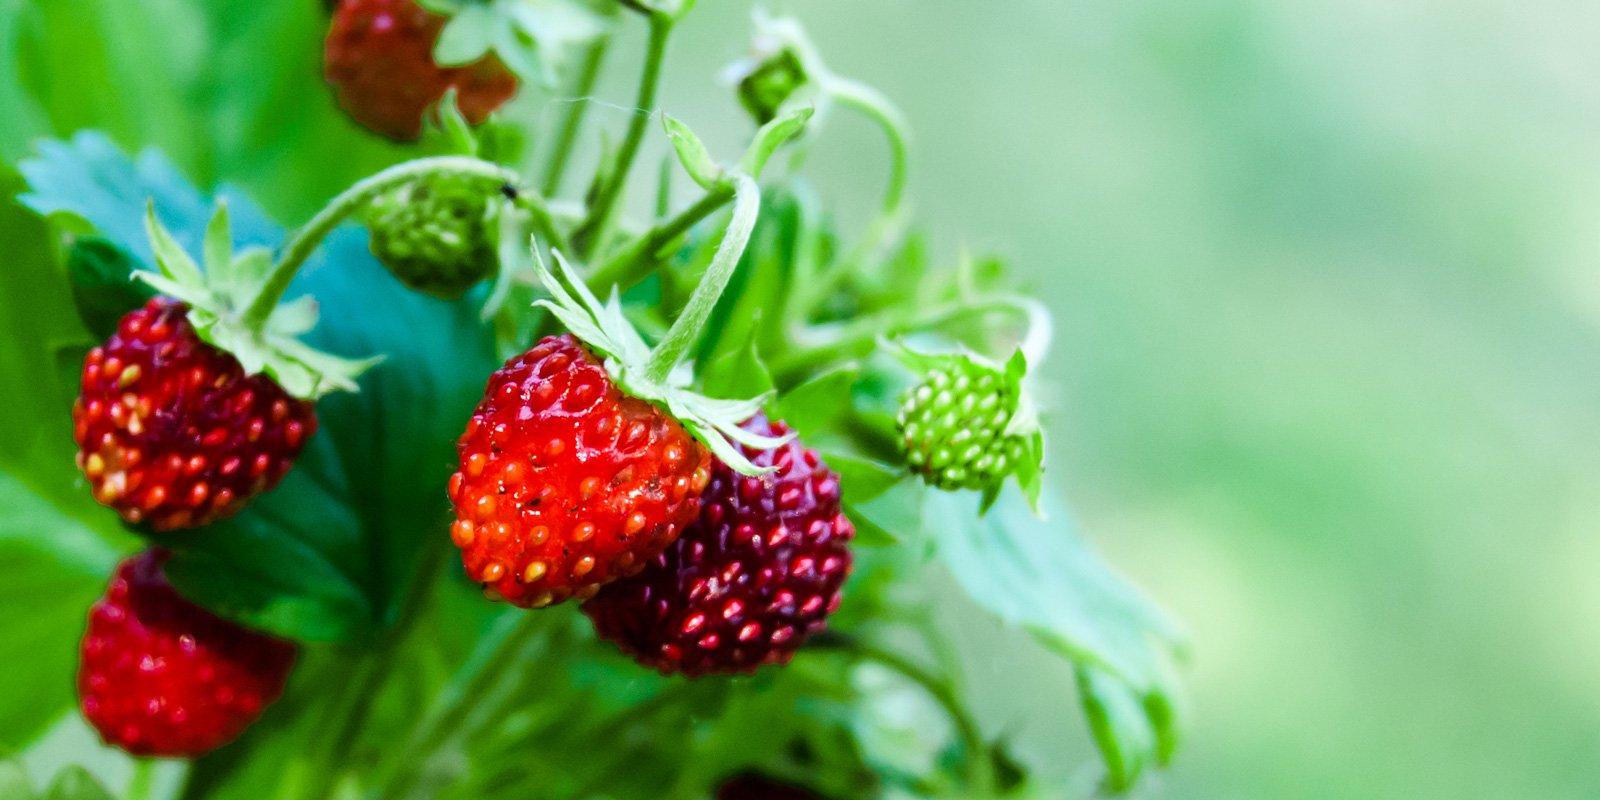 Coltivare Lamponi In Vaso coltivare la frutta in vaso: scelta piante e vasi per dimora